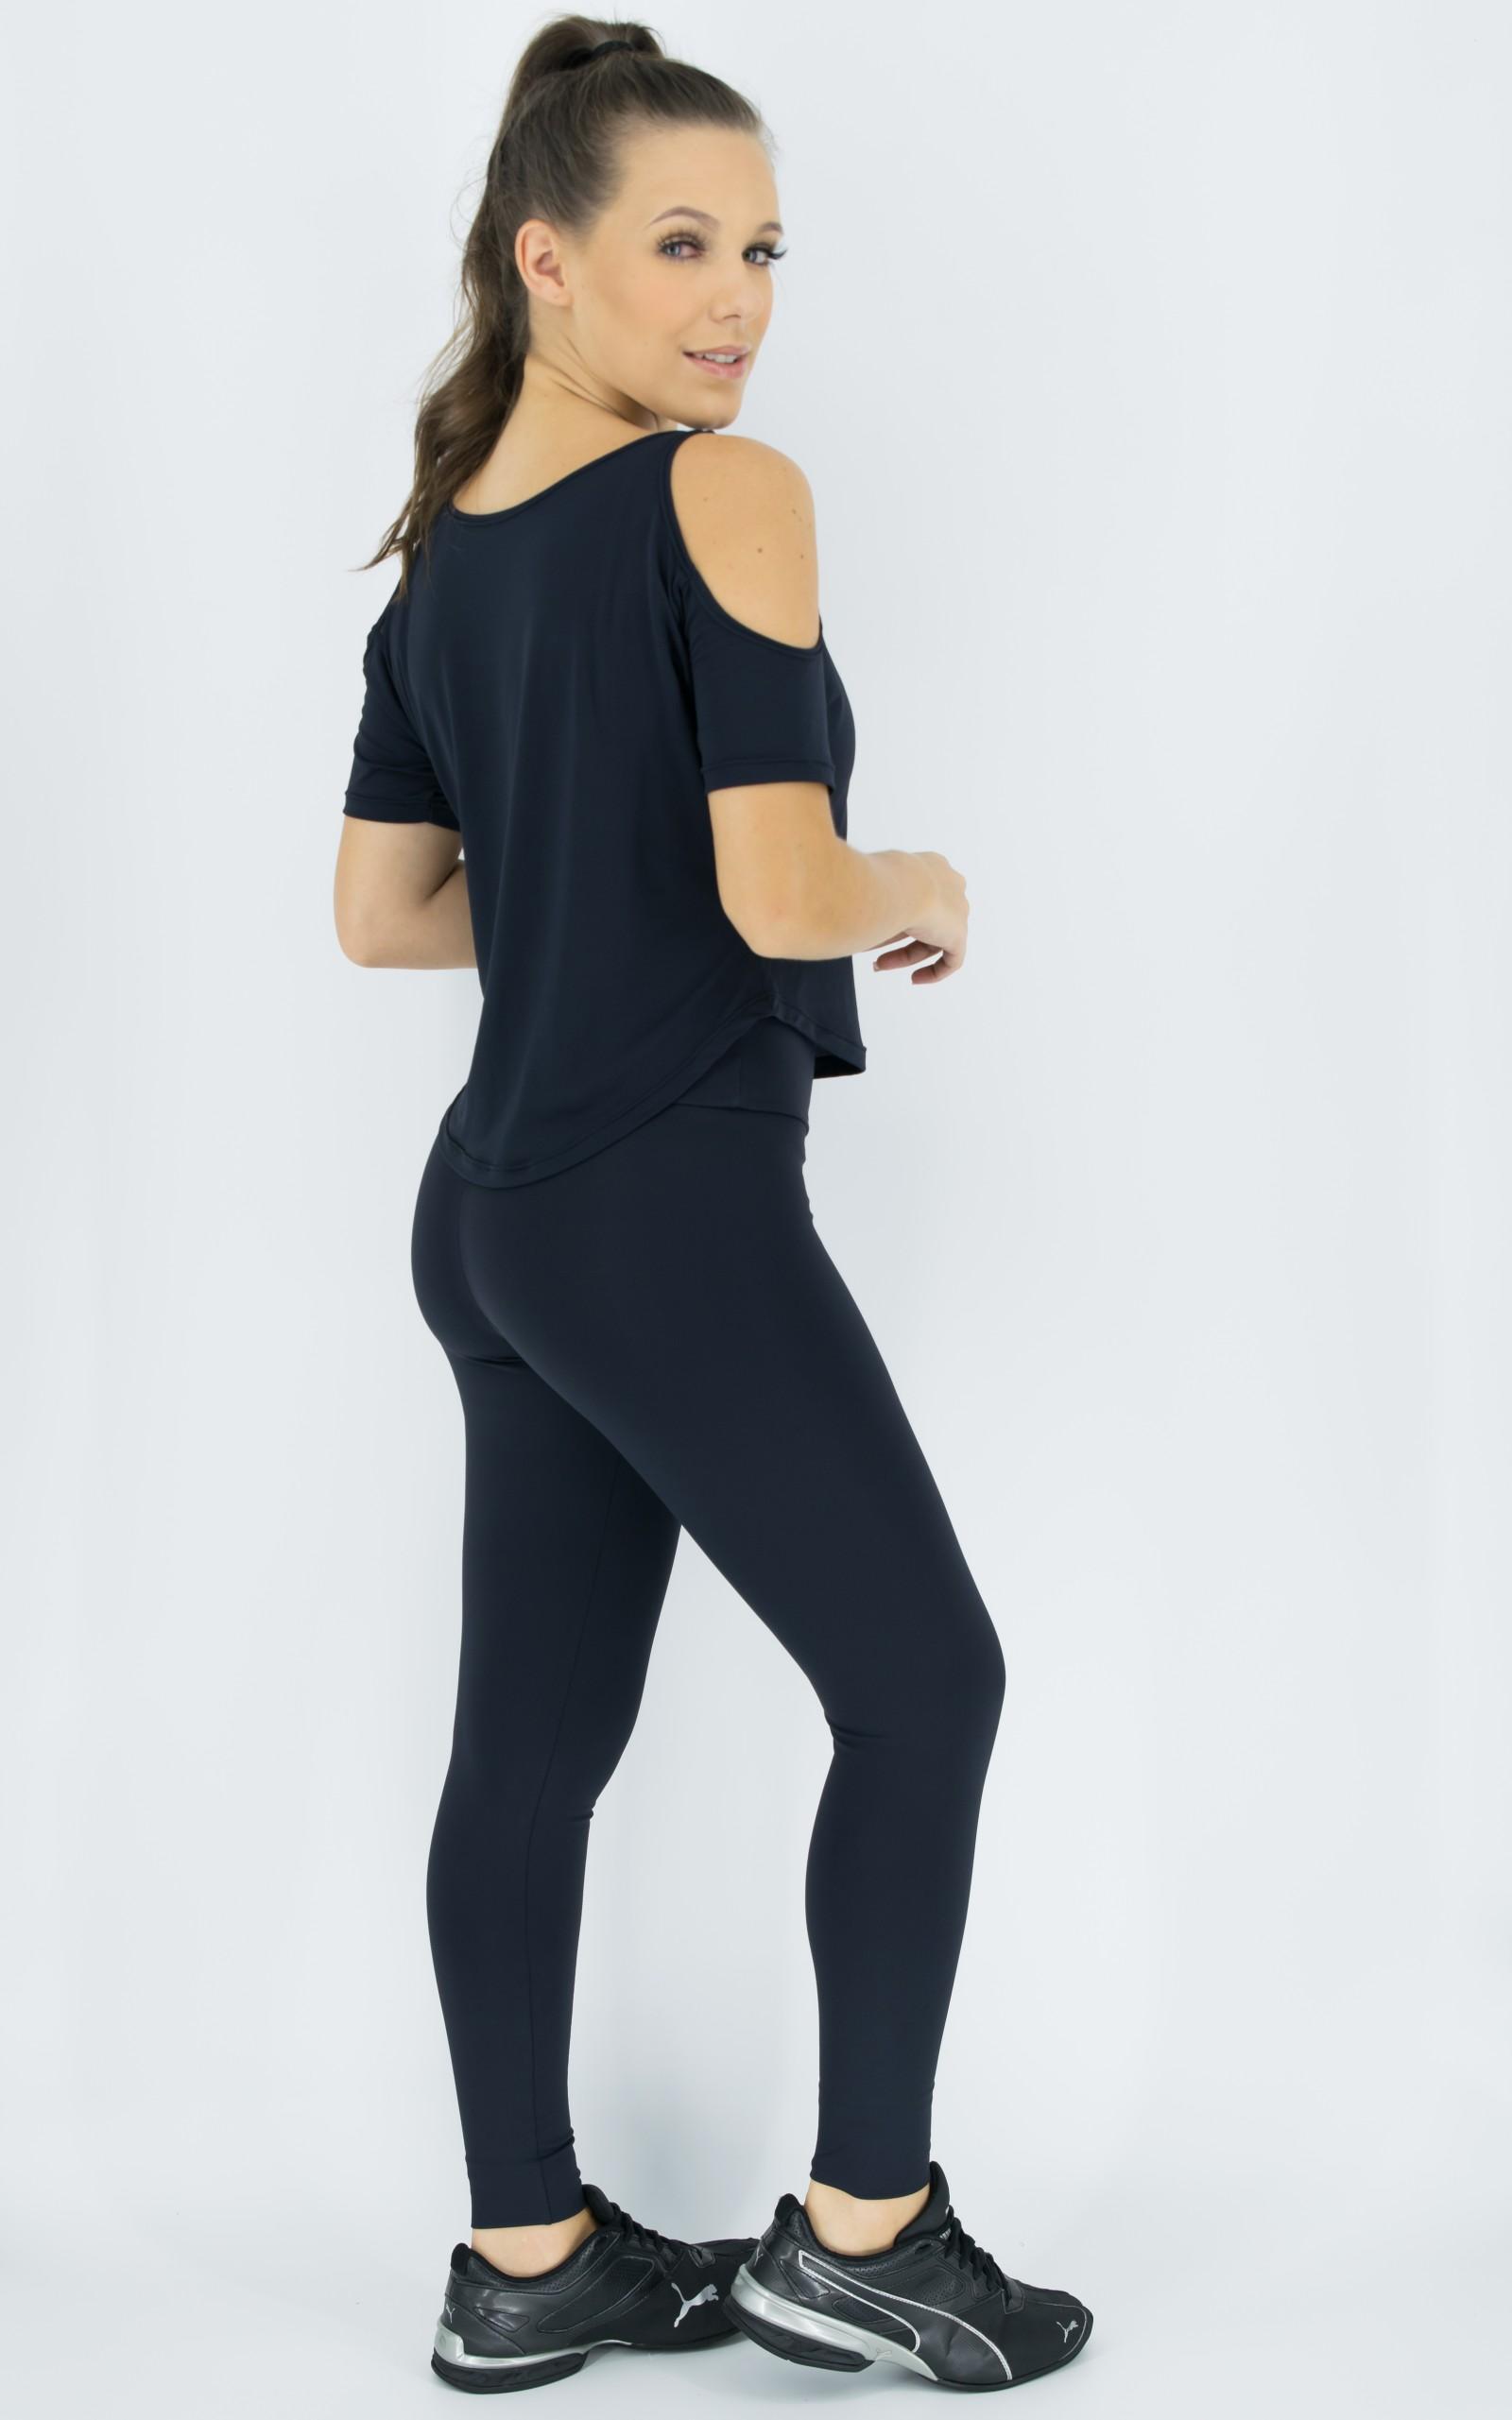 Blusa Like Preta, Coleção Move Your Body - NKT Fitwear Moda Fitness